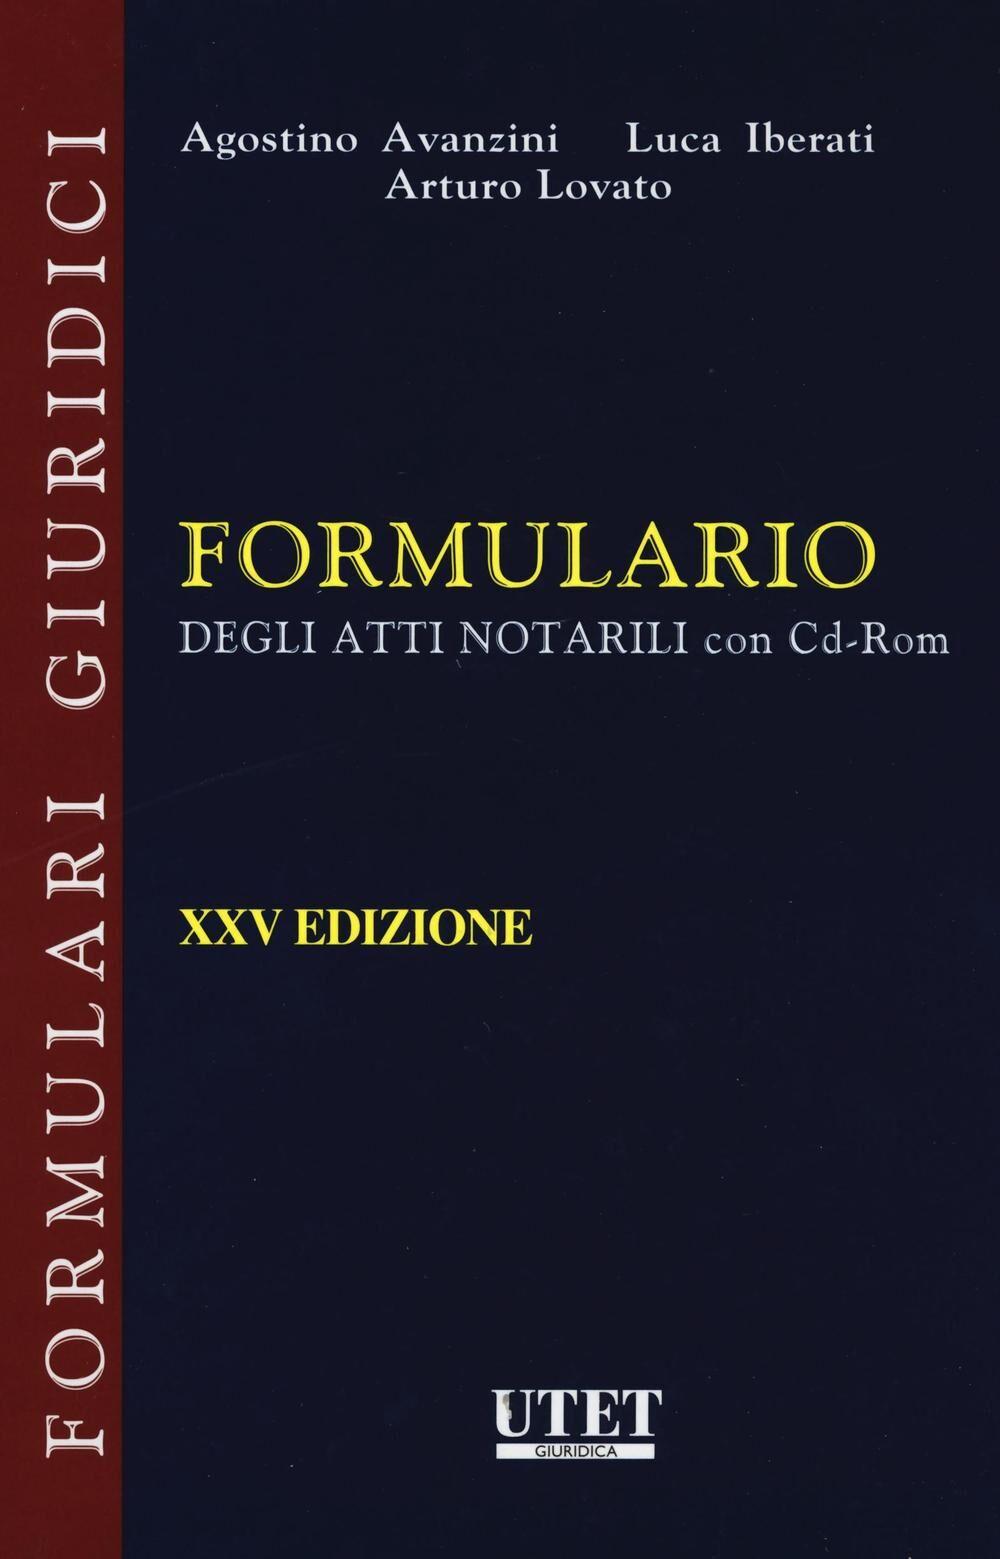 Formulario degli atti notarili. Con CD-ROM